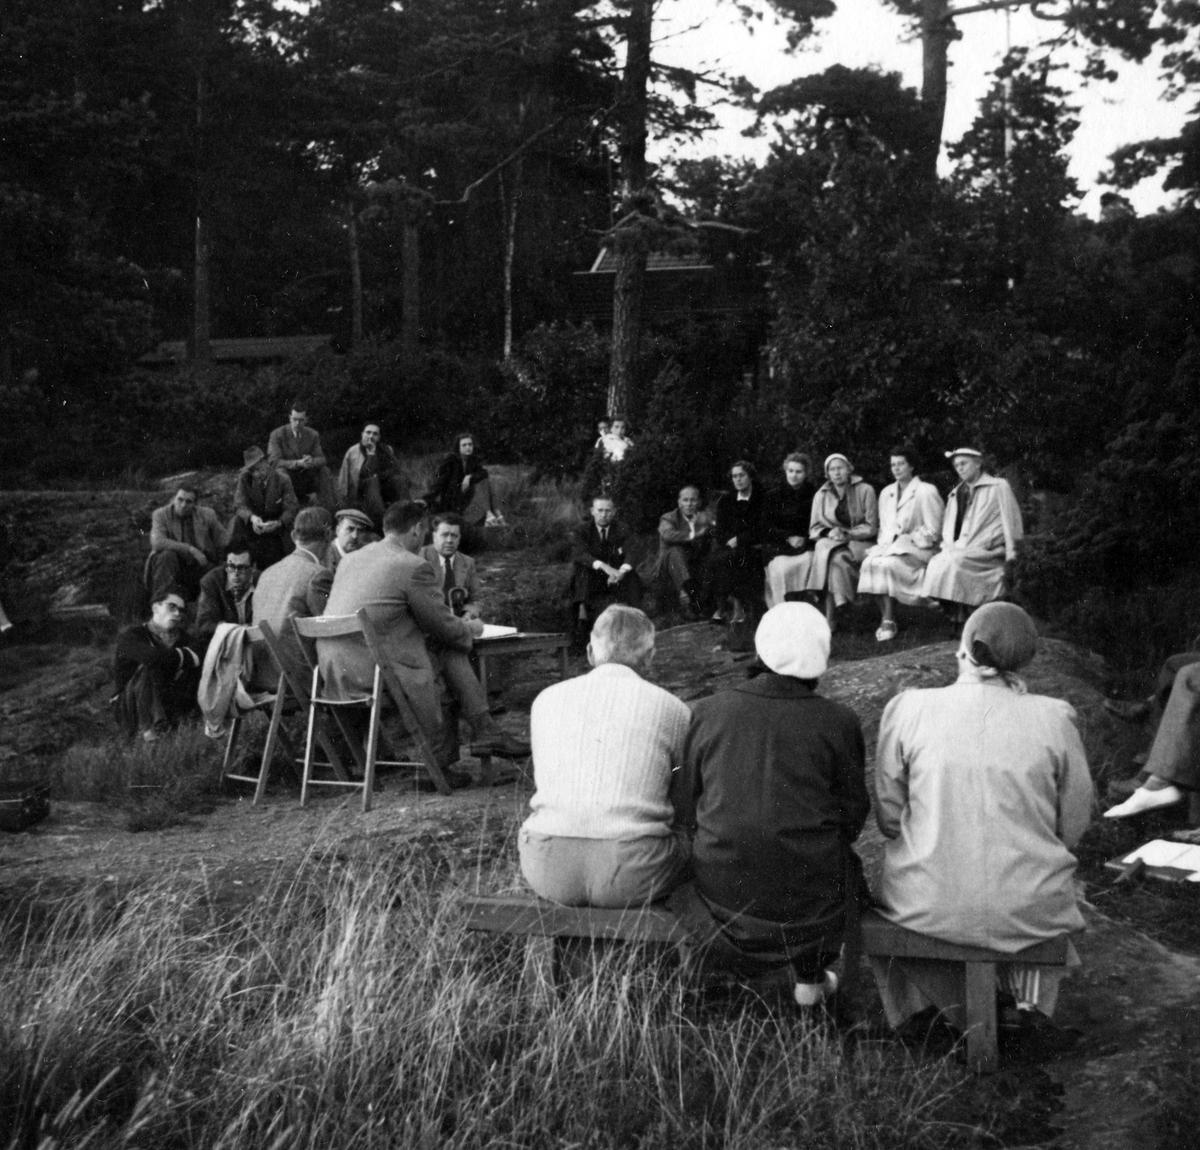 """Ett tjugotal personer på ett årsmöte vid strandkanten 1954. Anteckning på kortets baksida: """"Årsmöte 1954""""."""